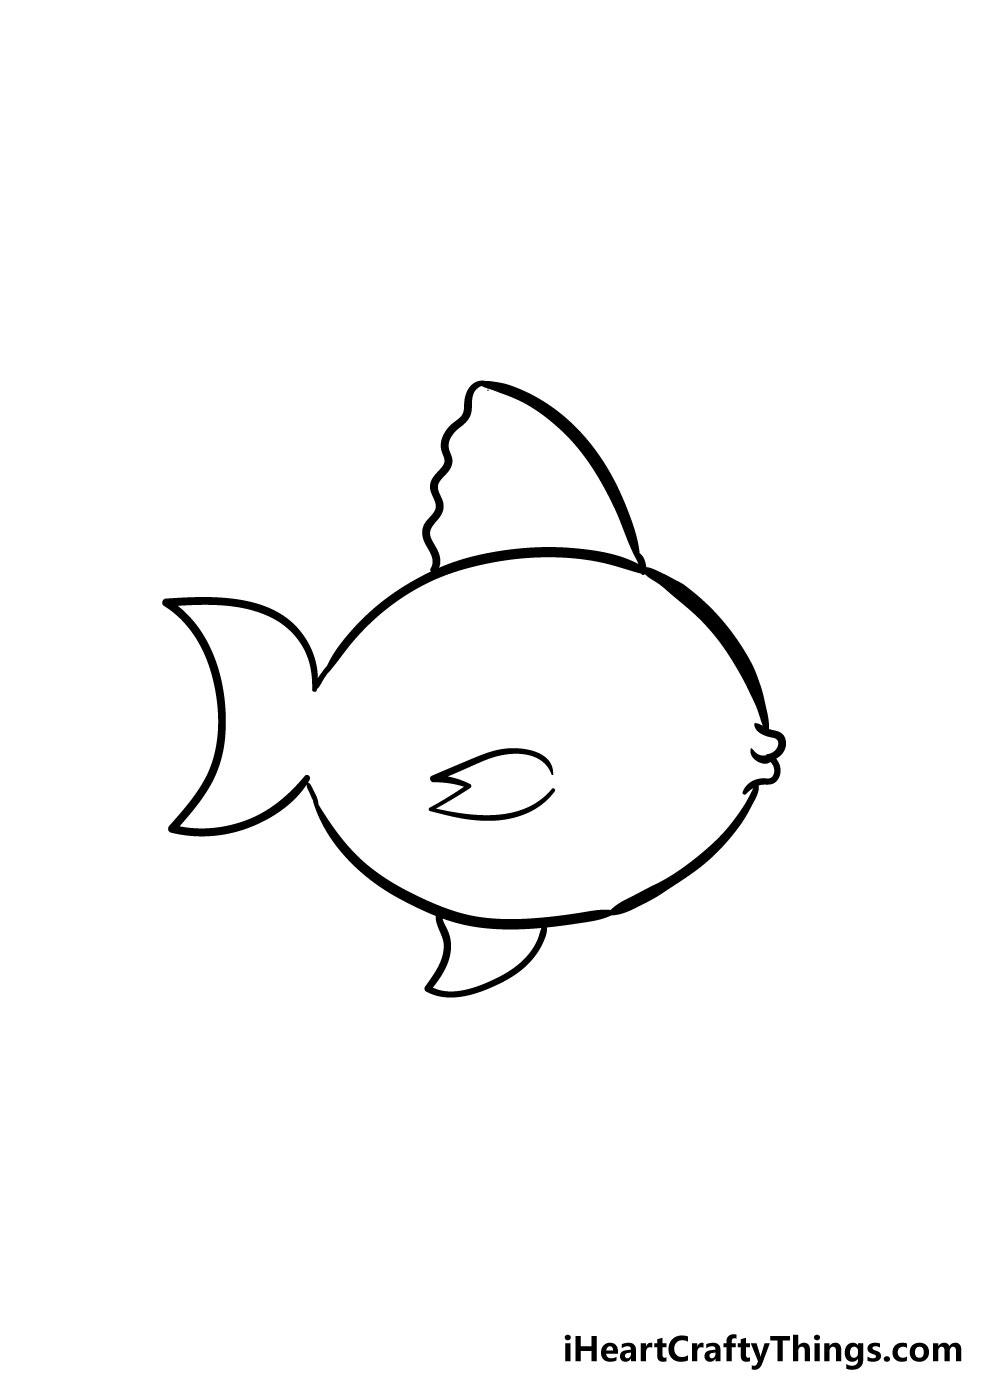 fish drawing step 4